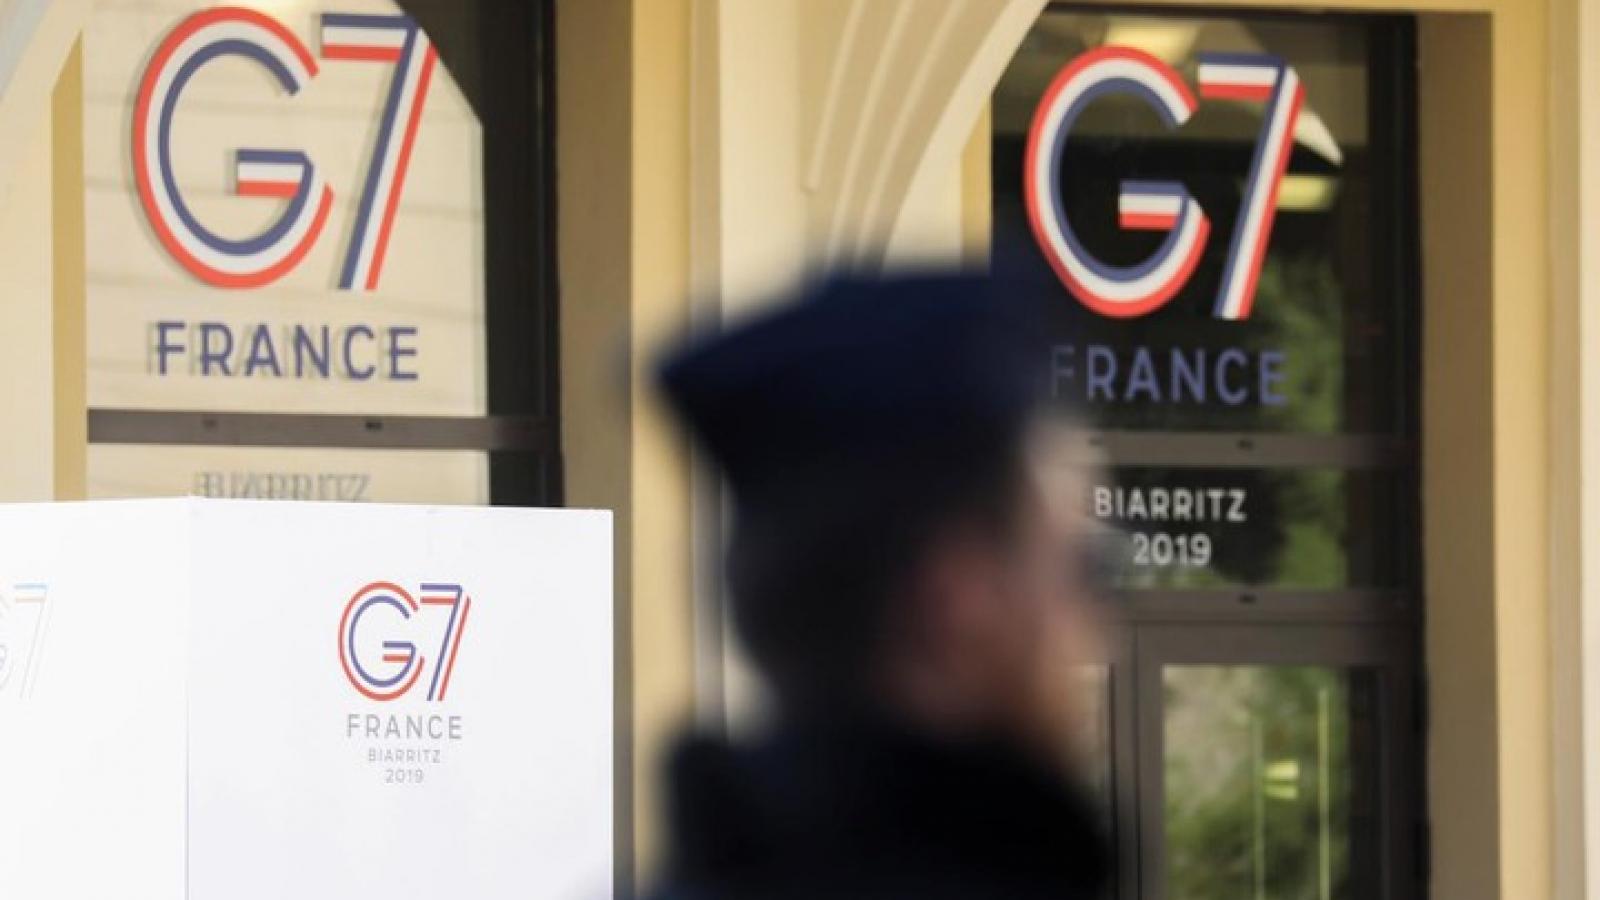 """Trung Quốc """"kiên quyết phản đối"""" Tuyên bố chung của G7 về Hong Kong"""